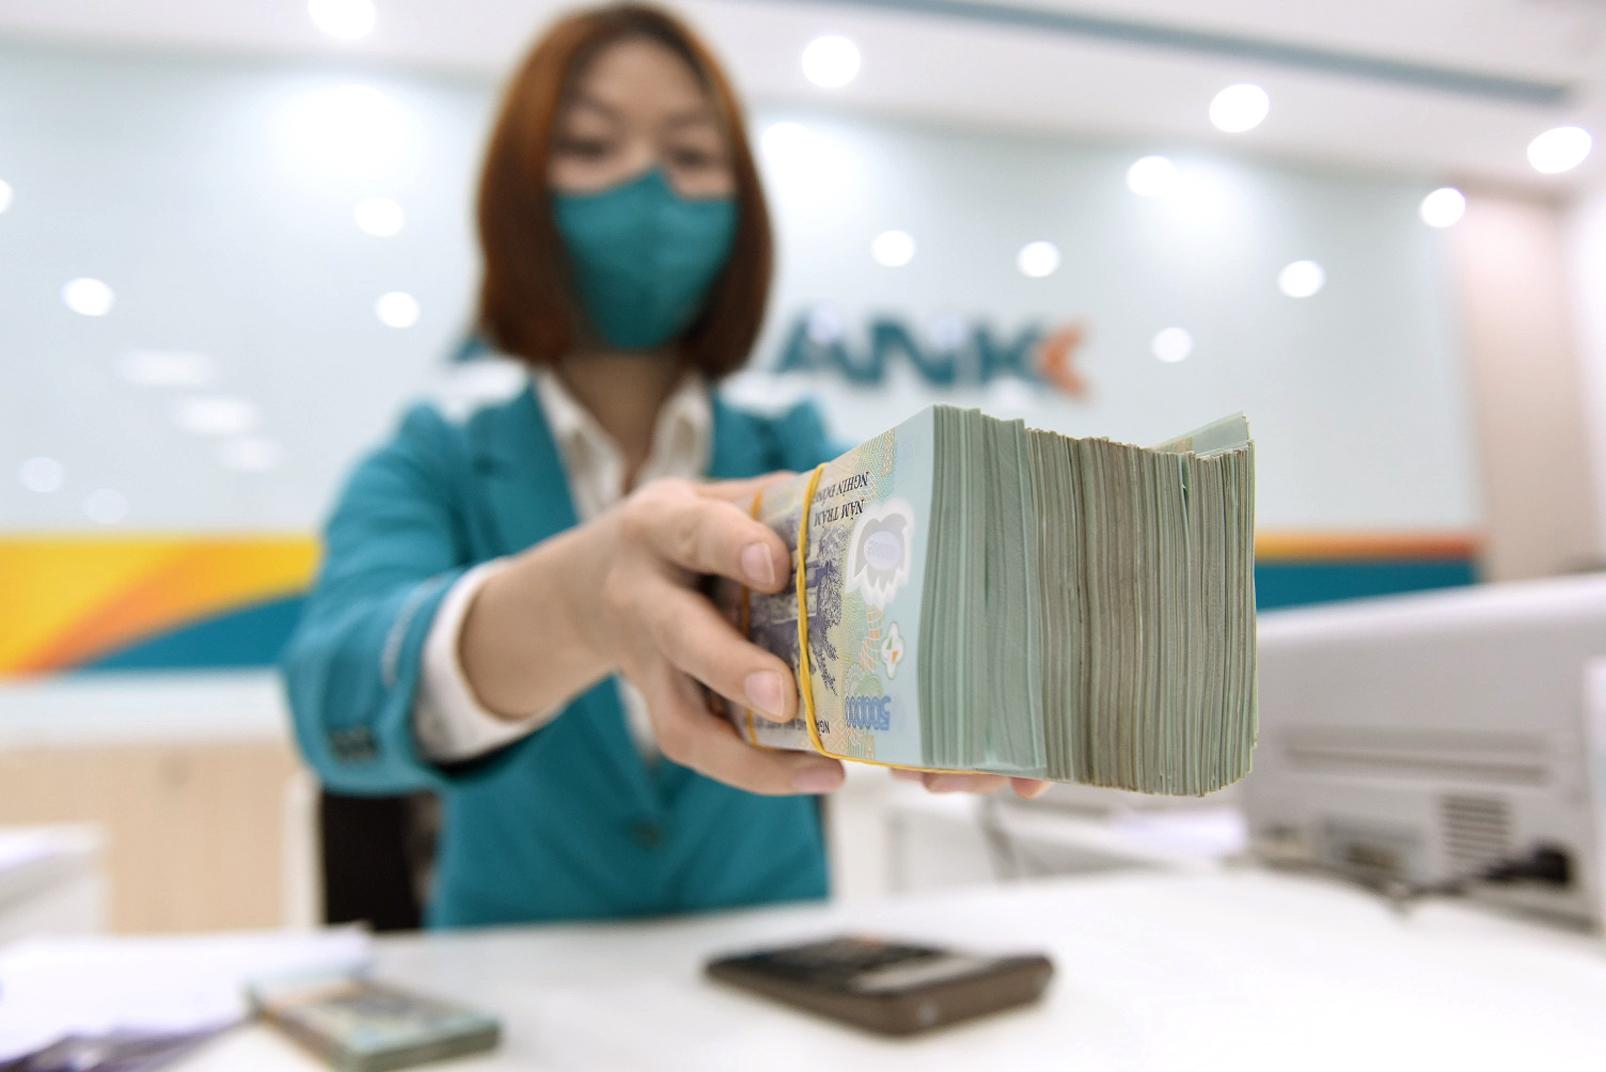 Các doanh nghiệp đang rất cần được ngân hàng cấp vốn với lãi suất thấp để khôi phục hoạt động